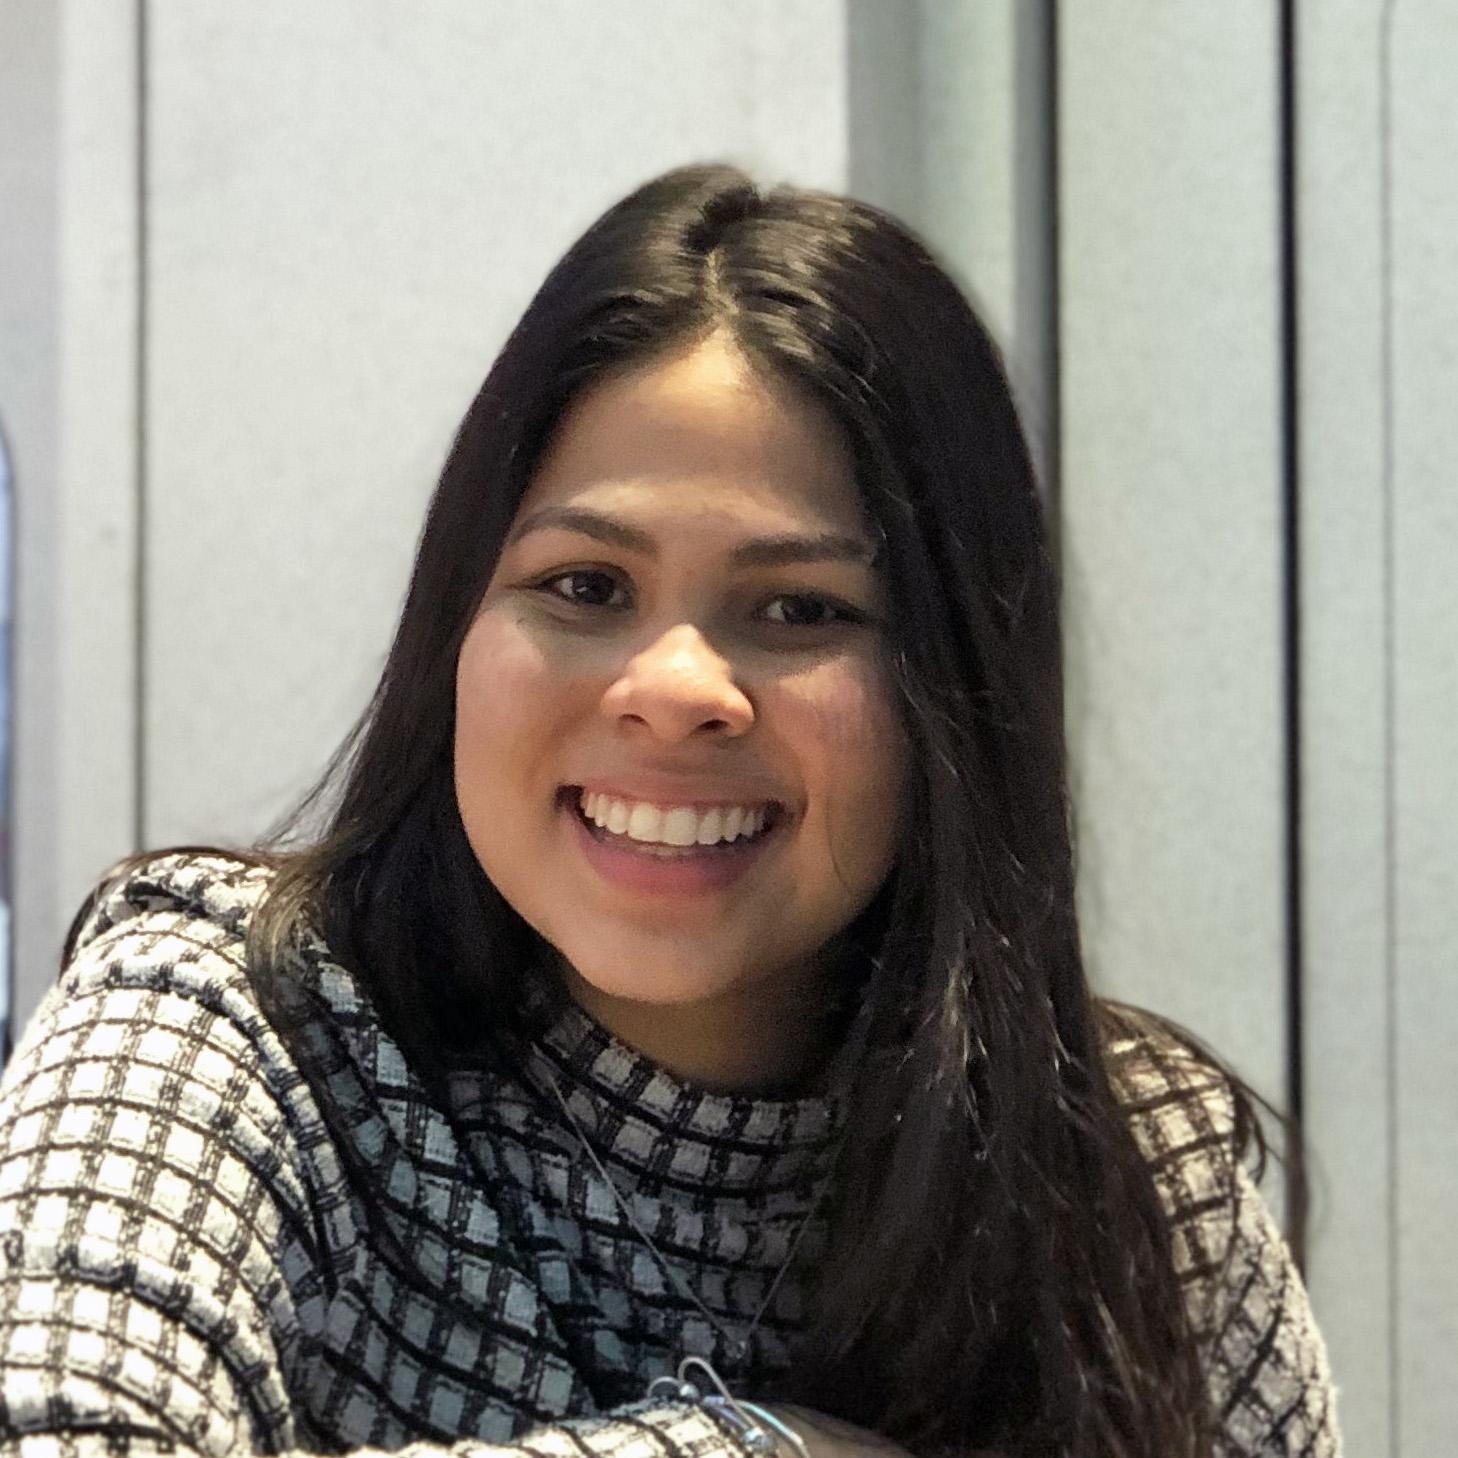 Lerined Sanchez